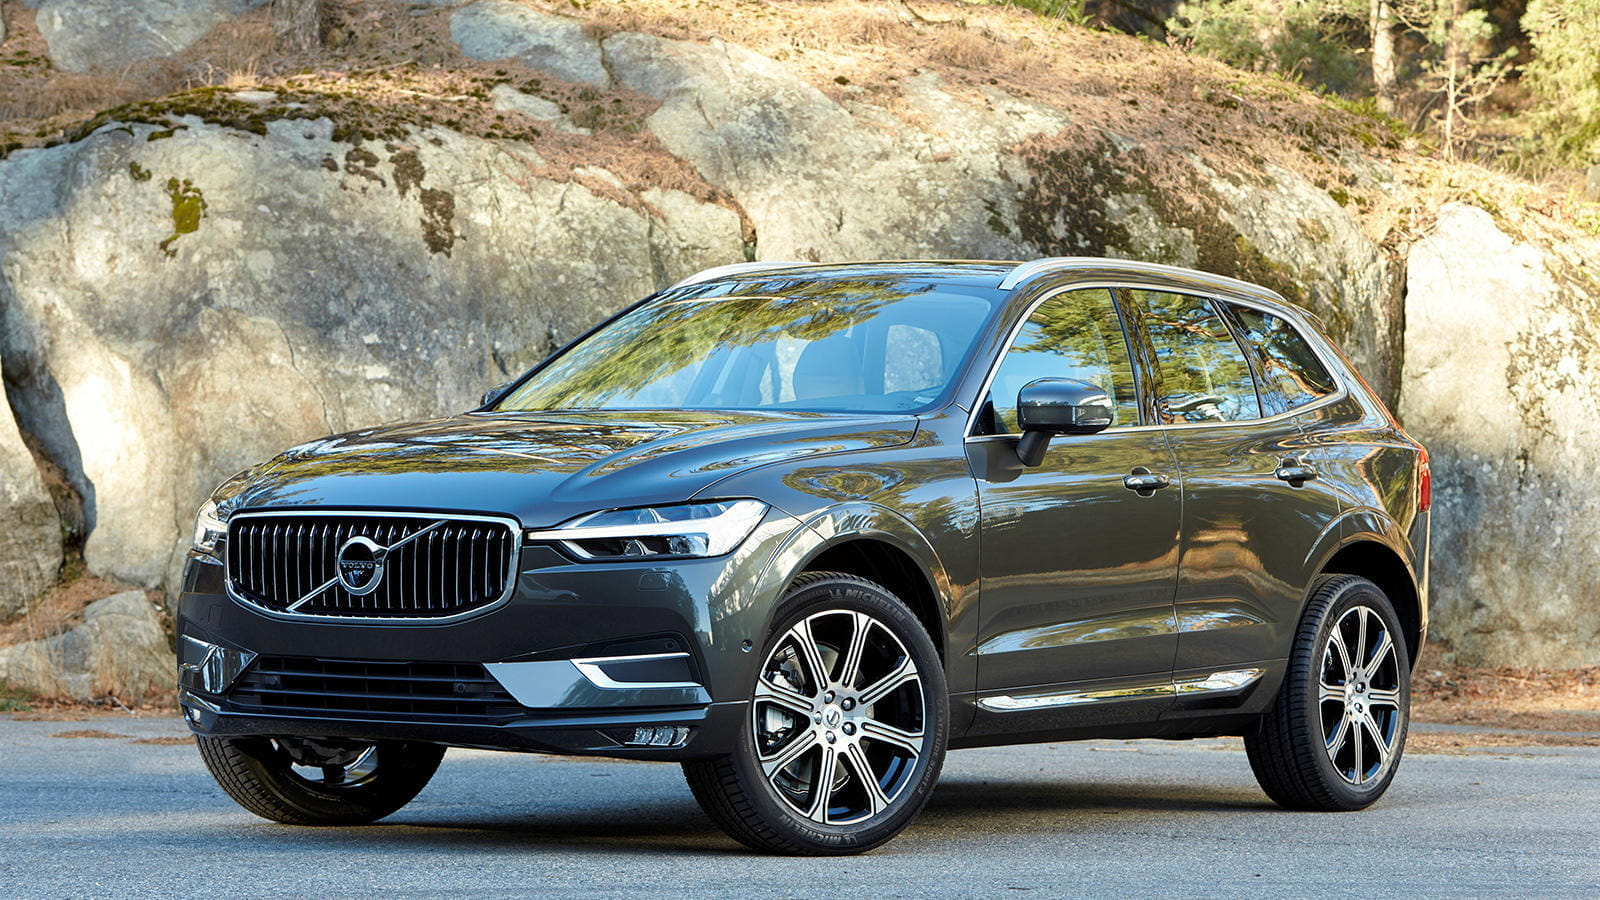 Los Volvo irán limitados a 180 km/h a partir de 2020: ¿Nos iremos pareciendo a Japón?